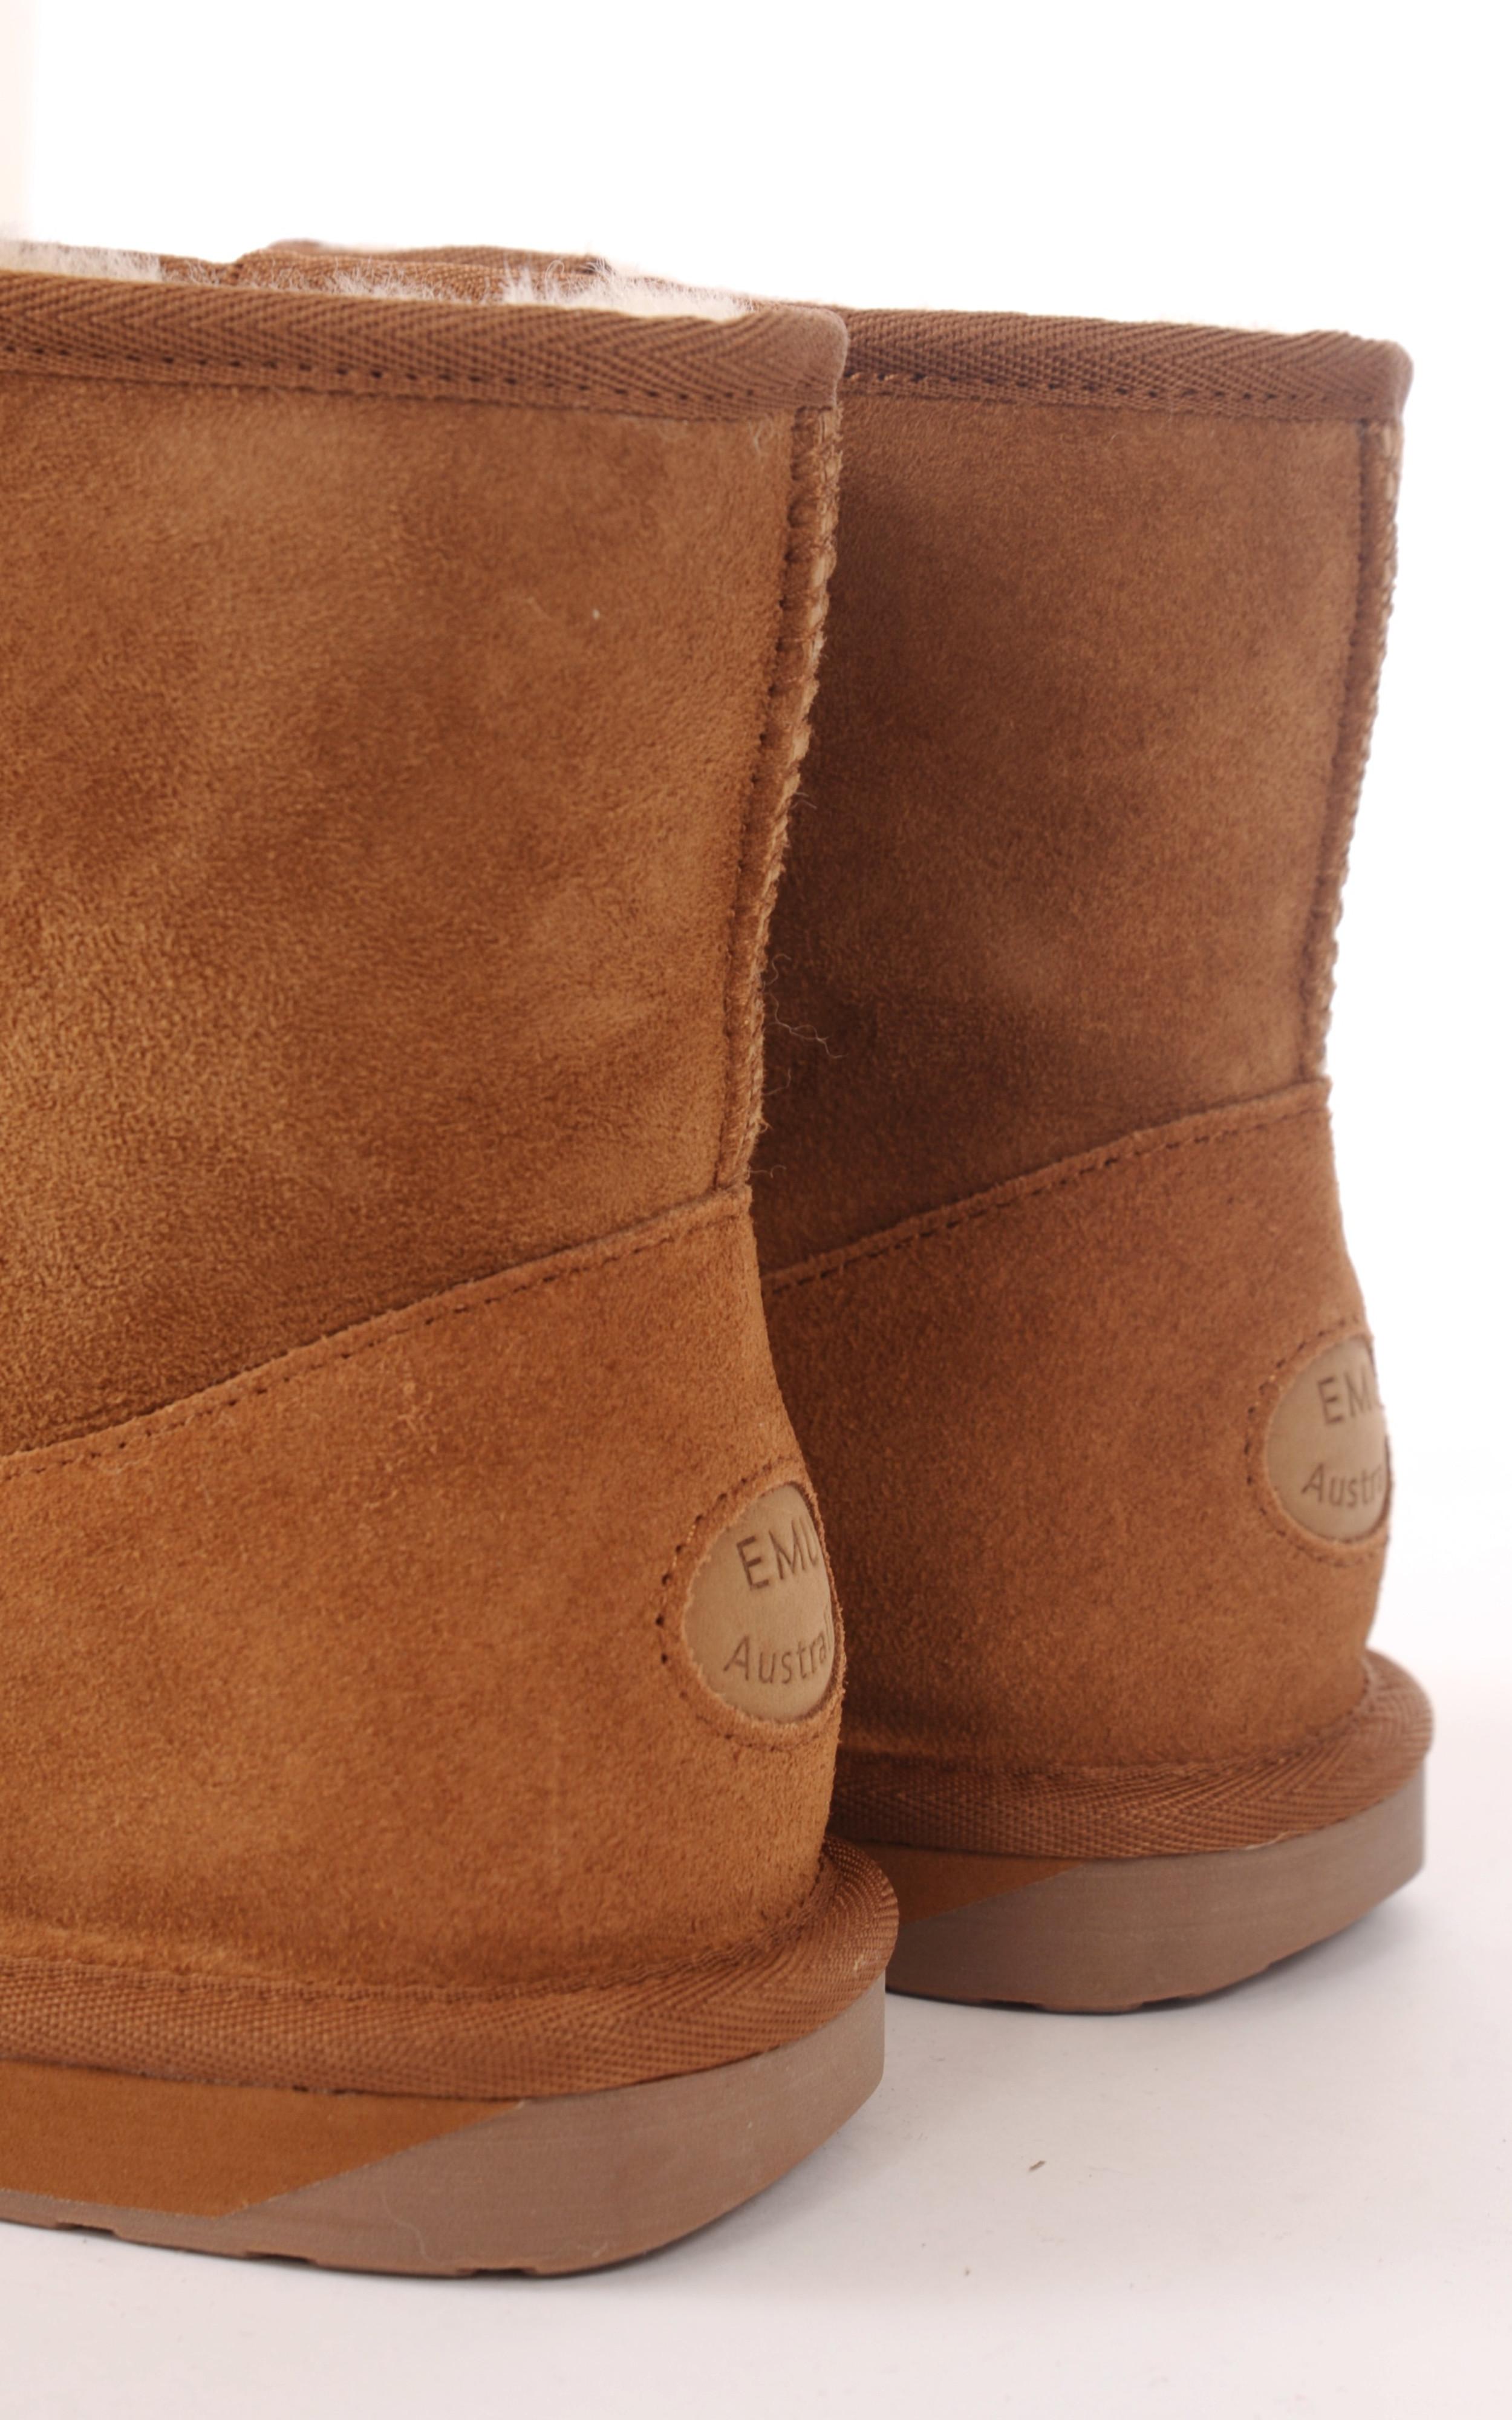 Boots mouton mérinos Femme Emu